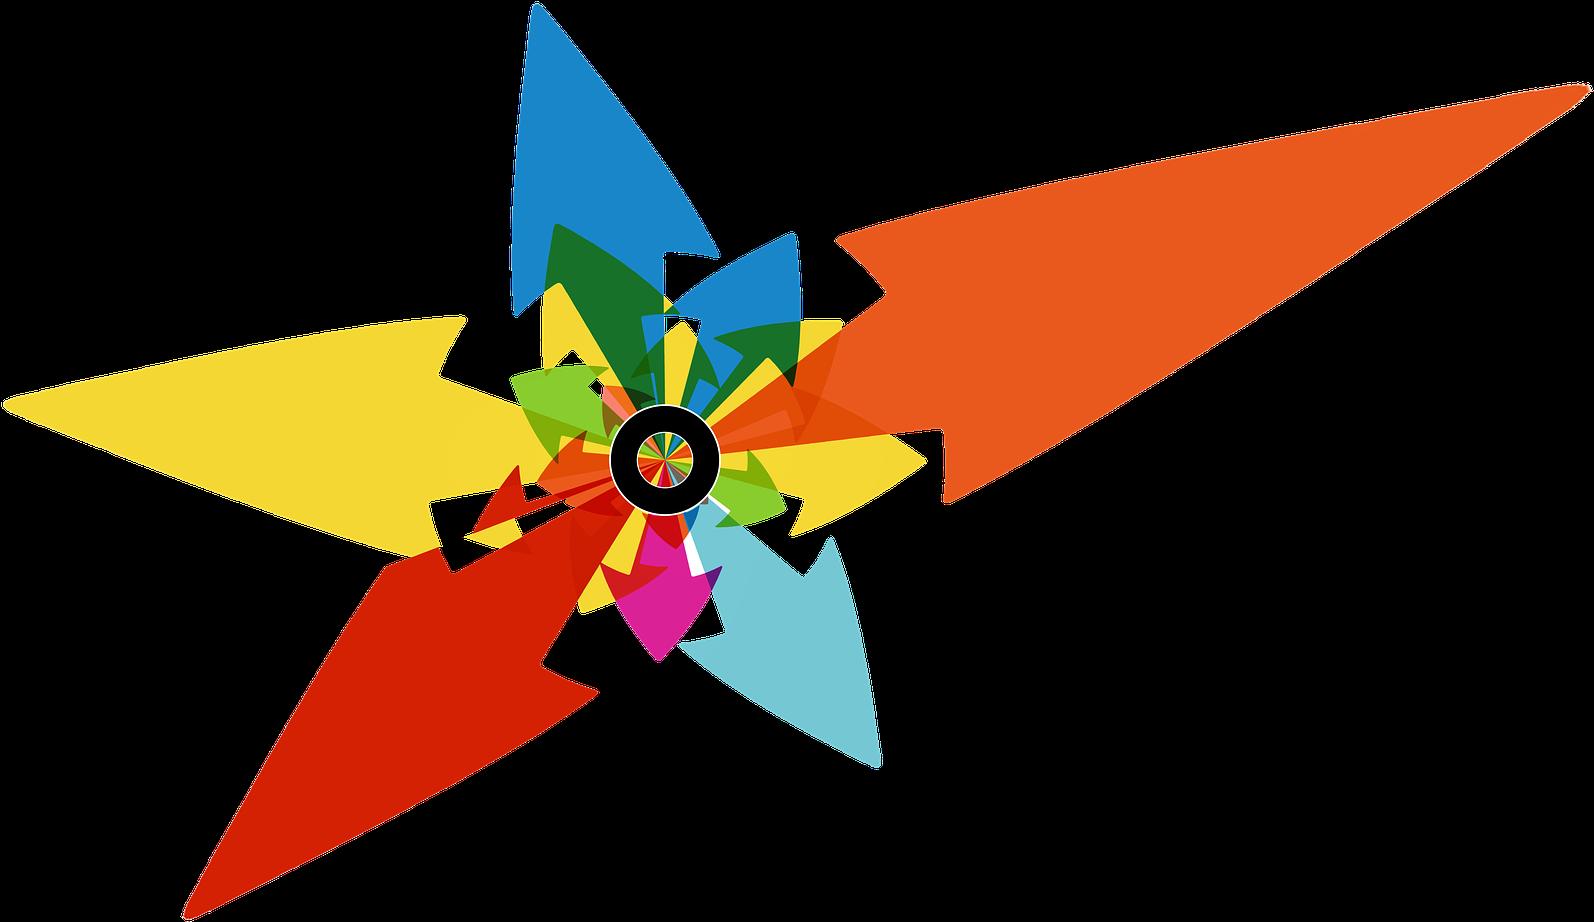 Geralt Pixabay Gambar Animasi Outbound Clipart Full